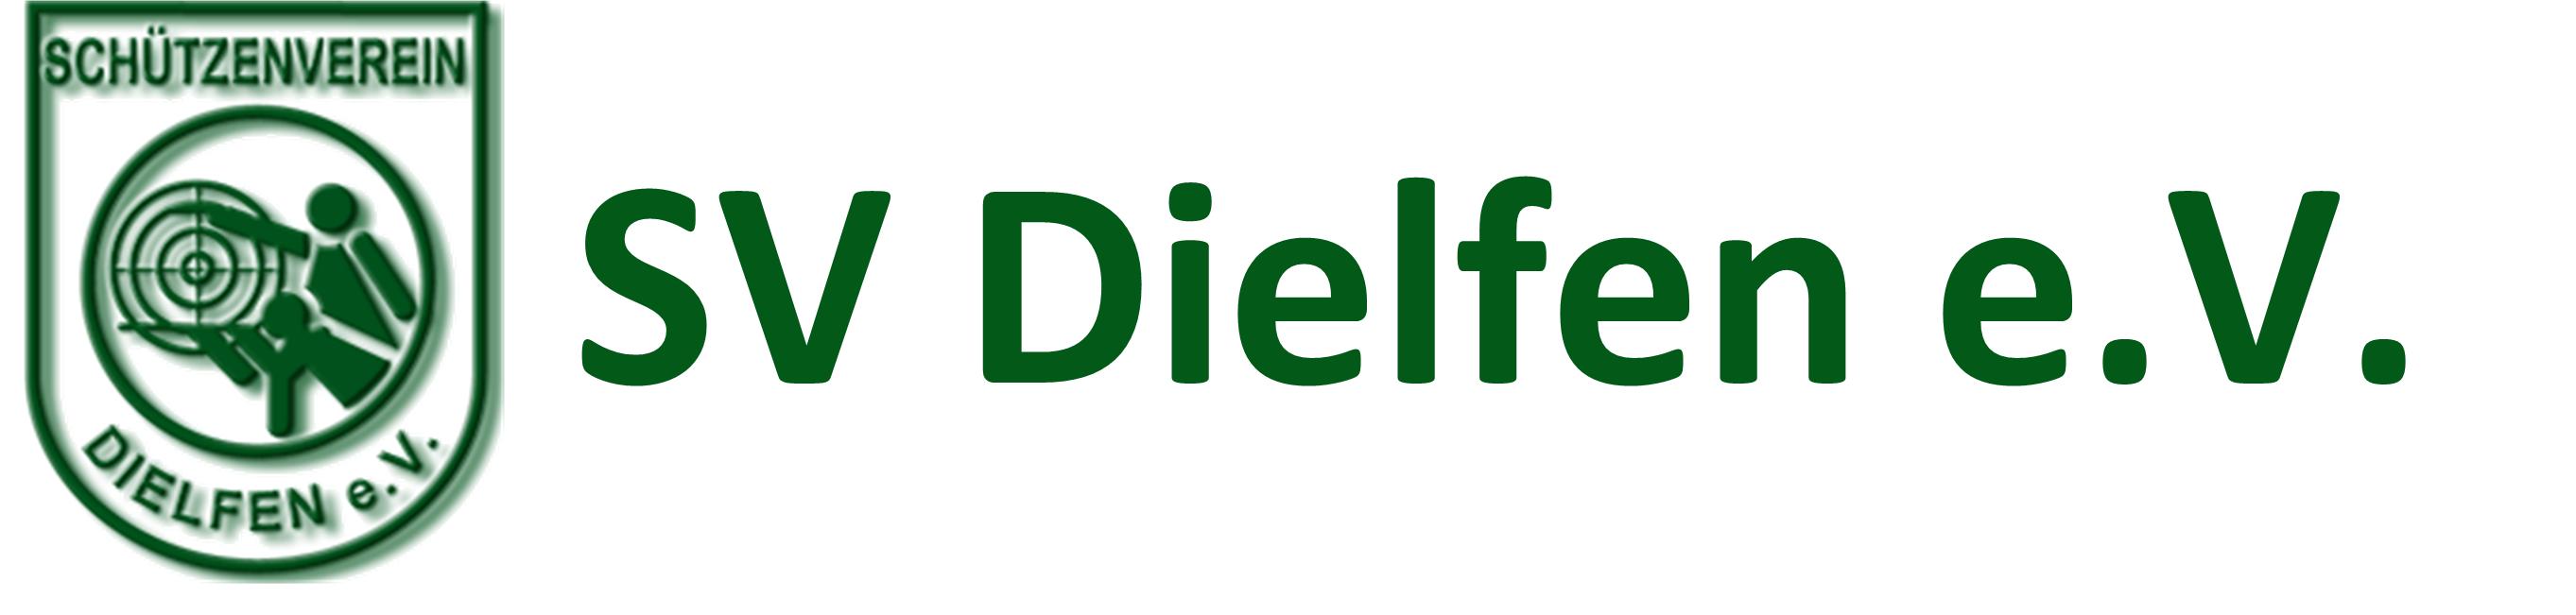 Schützenverein SV Dielfen